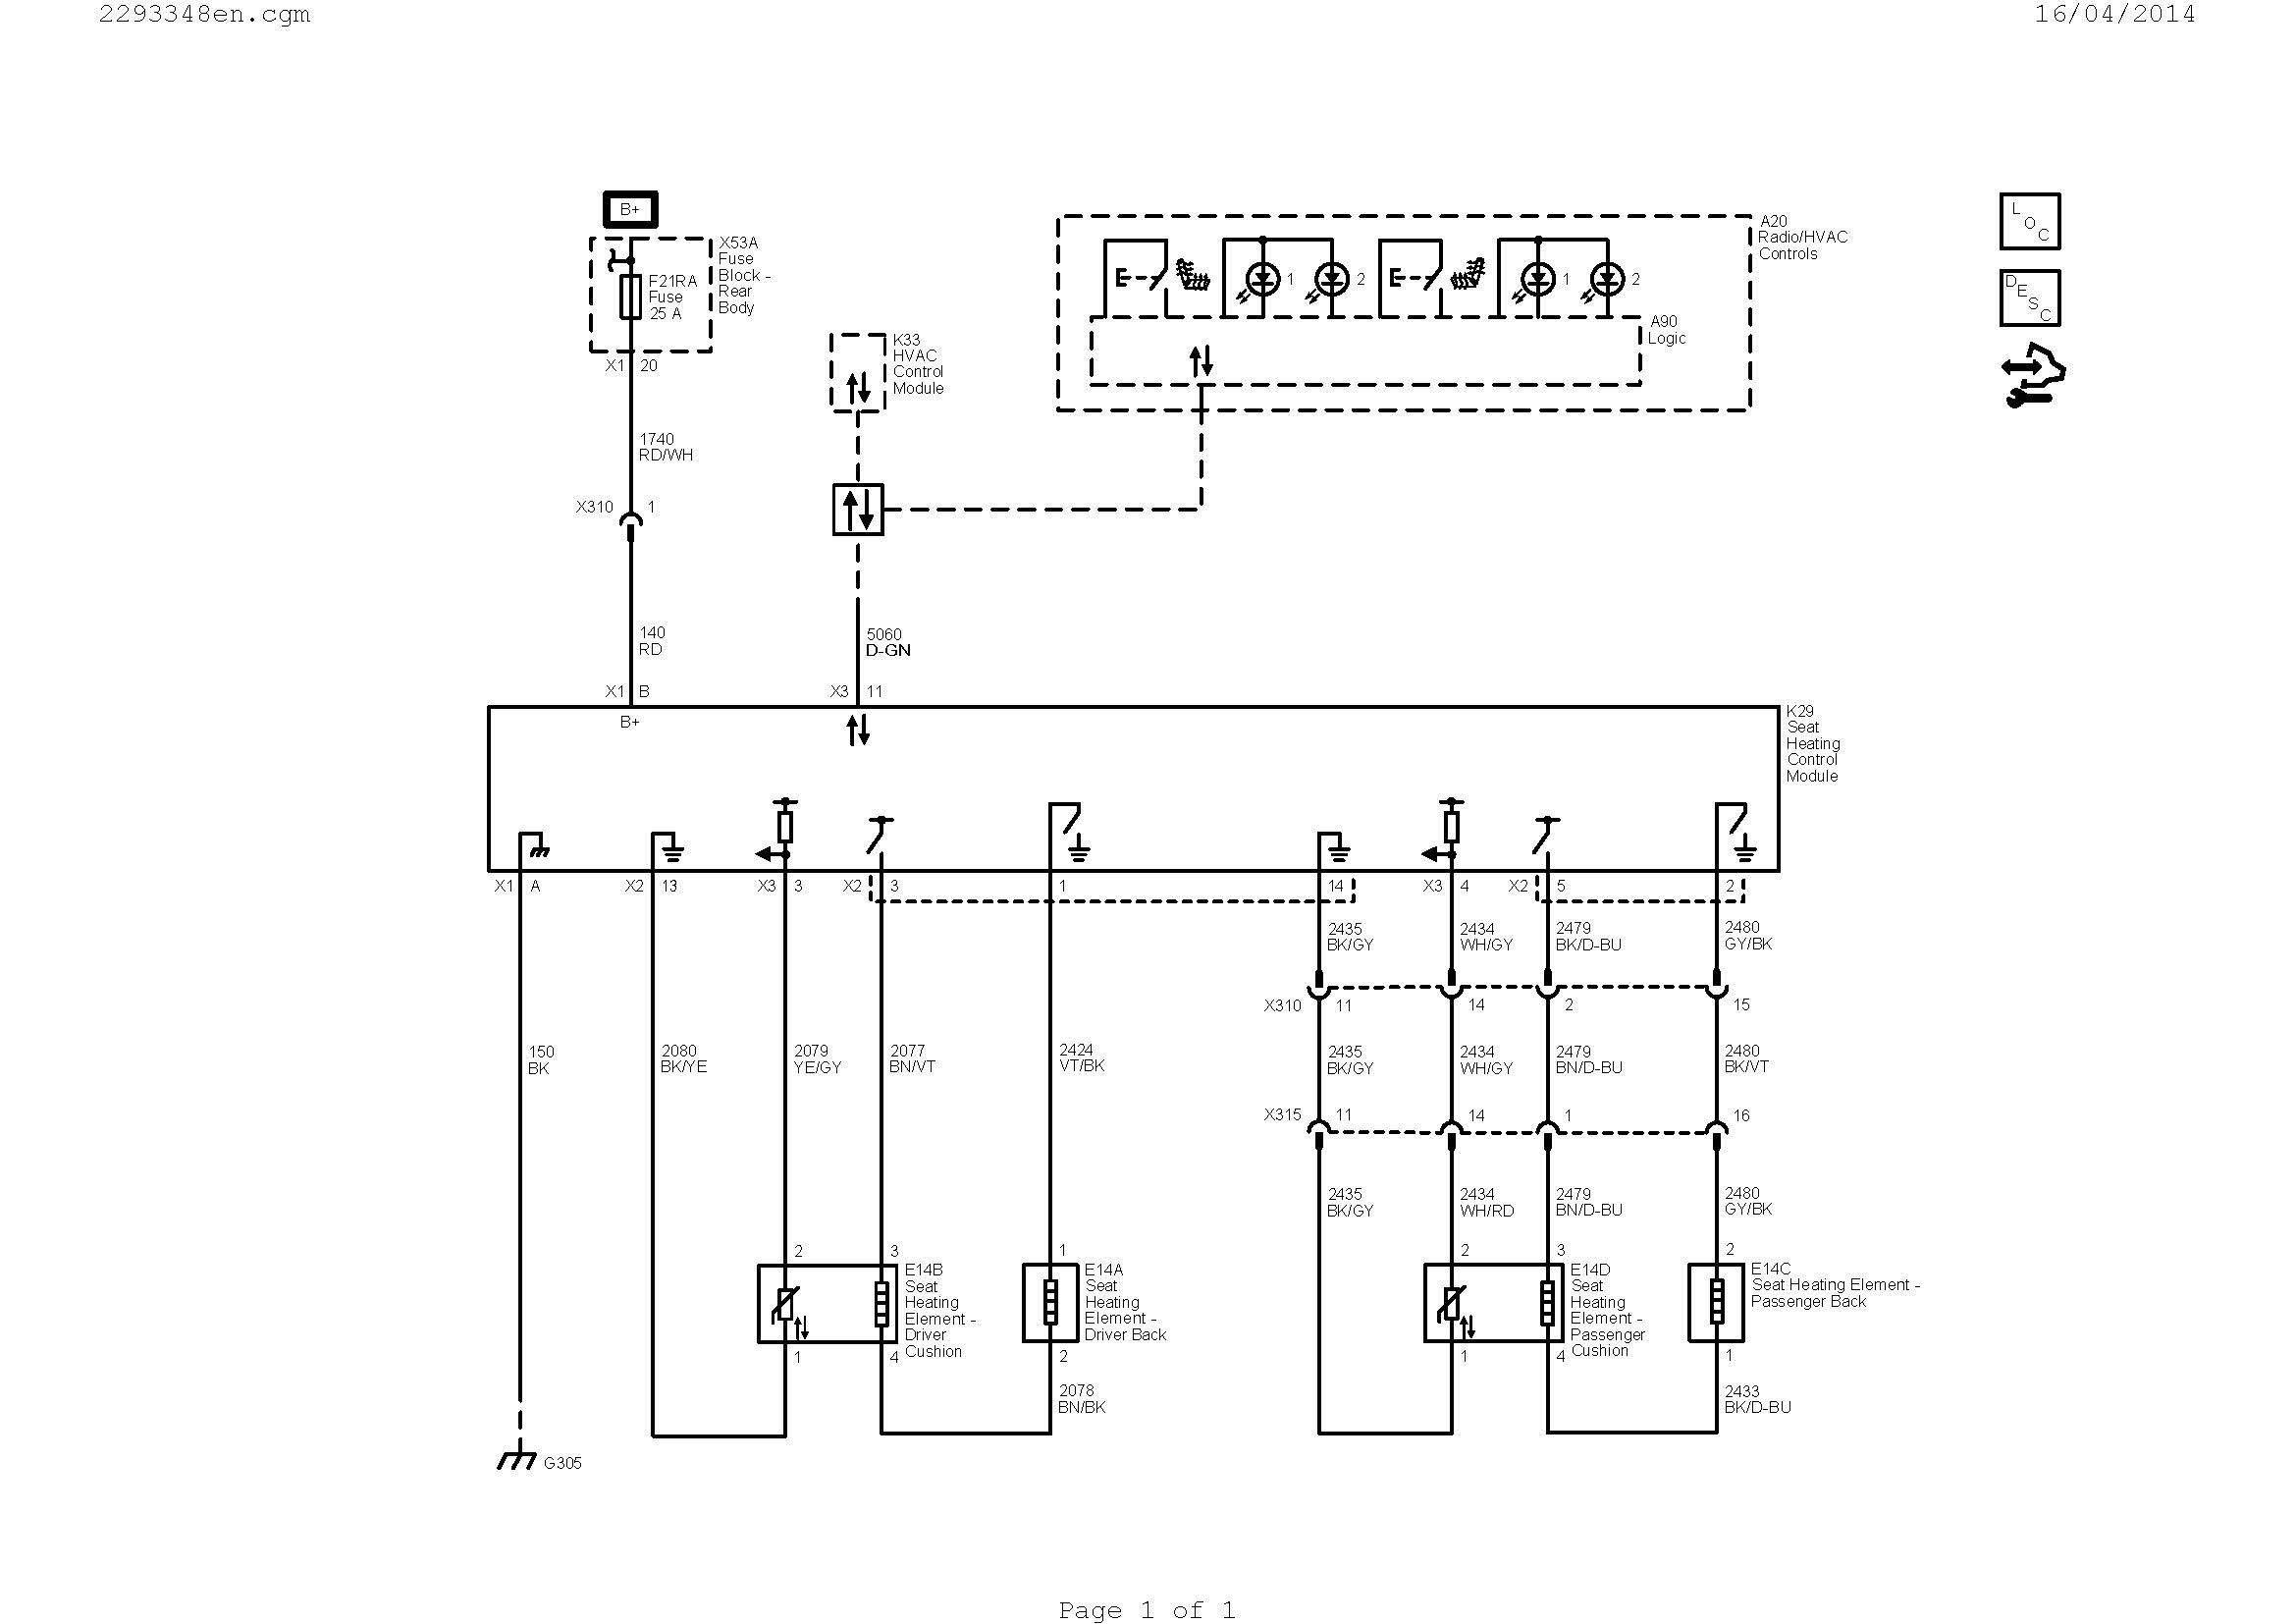 medium resolution of c70 wiring diagram wiring diagrams rh 42 crocodilecruisedarwin com volvo v70 wiring diagram 2004 volvo v70 wiring diagram 1998